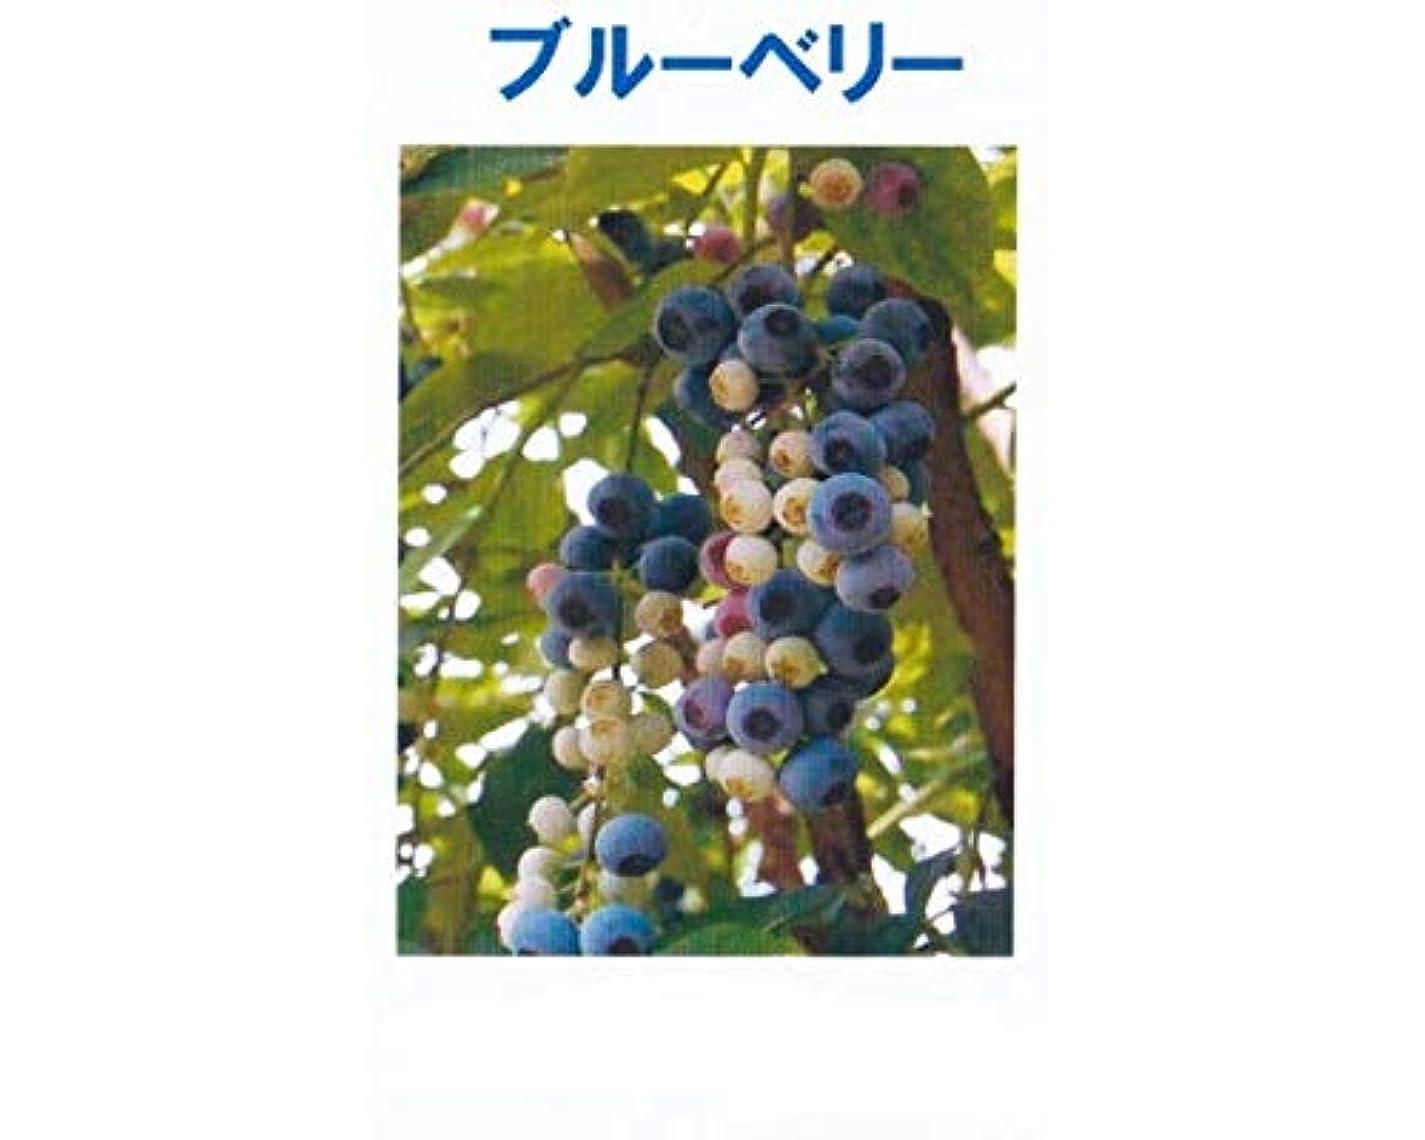 雑品シンポジウム大工アロマオイル ブルーベリー 5ml エッセンシャルオイル 100%天然成分